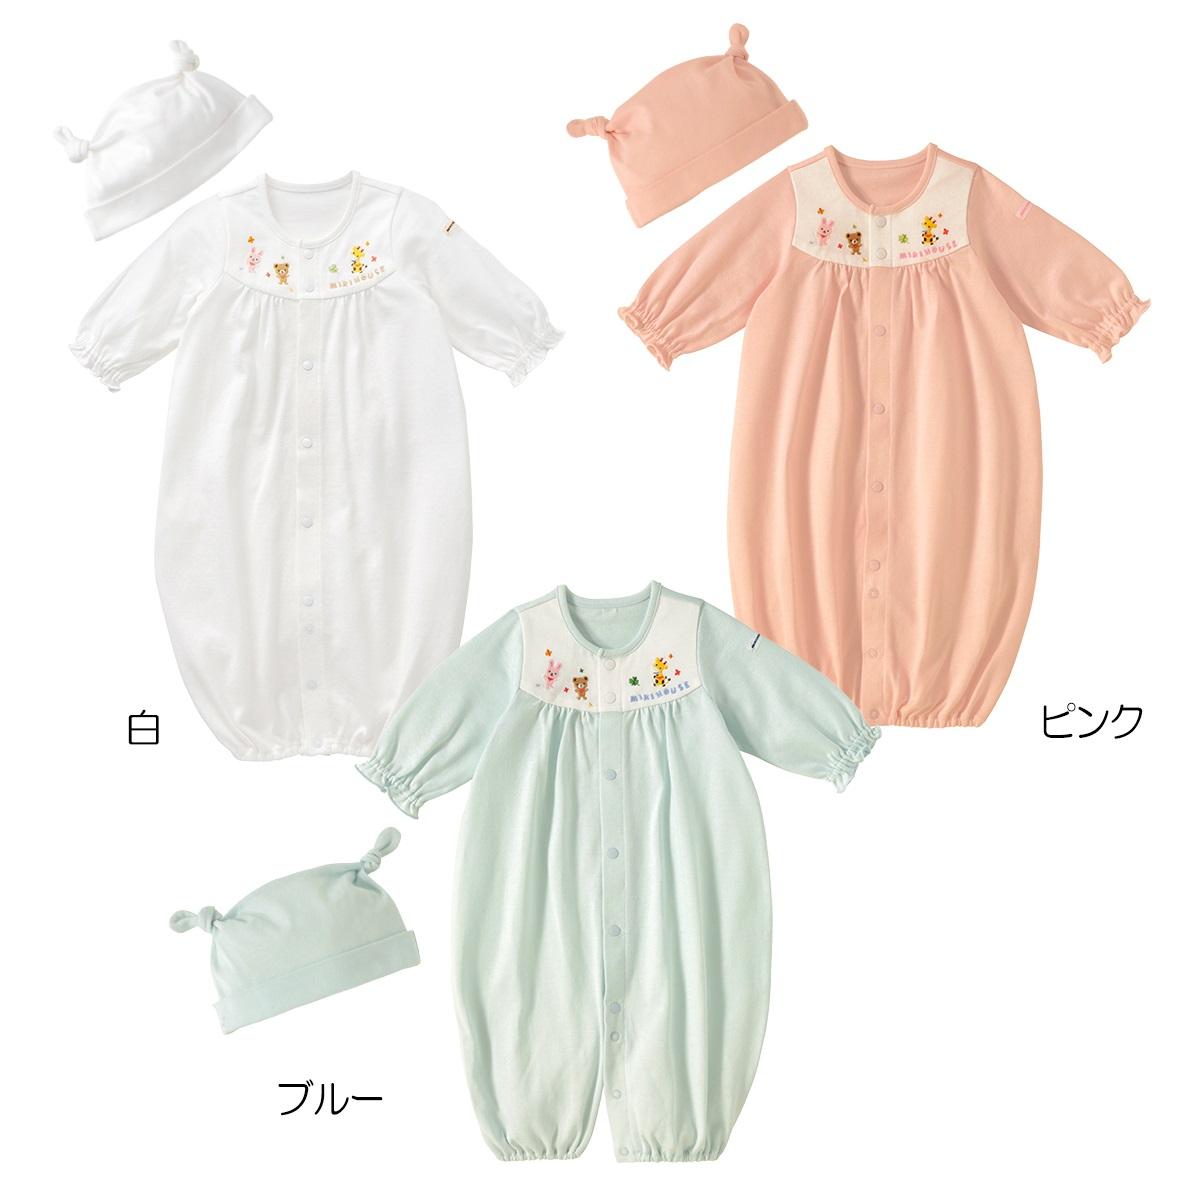 [mikihouse][ミキハウス]フード付どうぶつ刺繍のツーウェイオール(50cm-60cm)